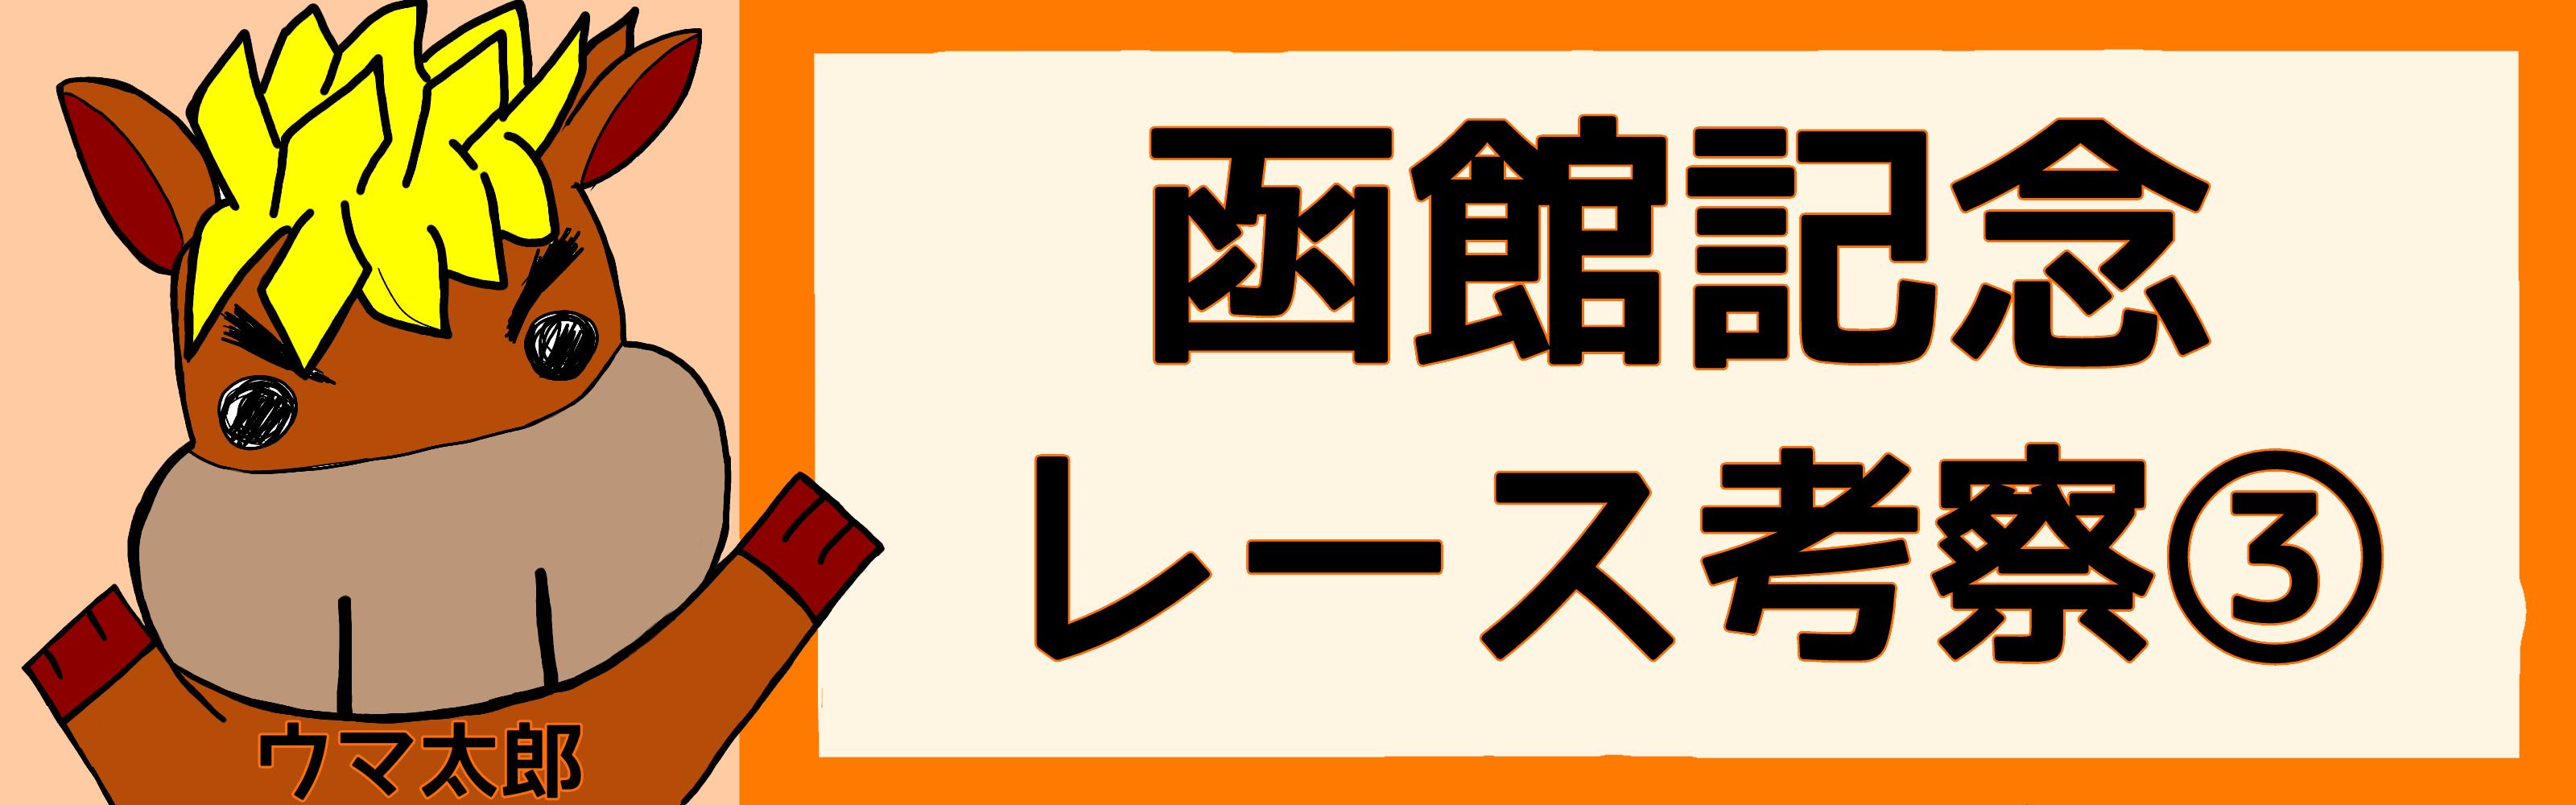 函館記念 レース考察③